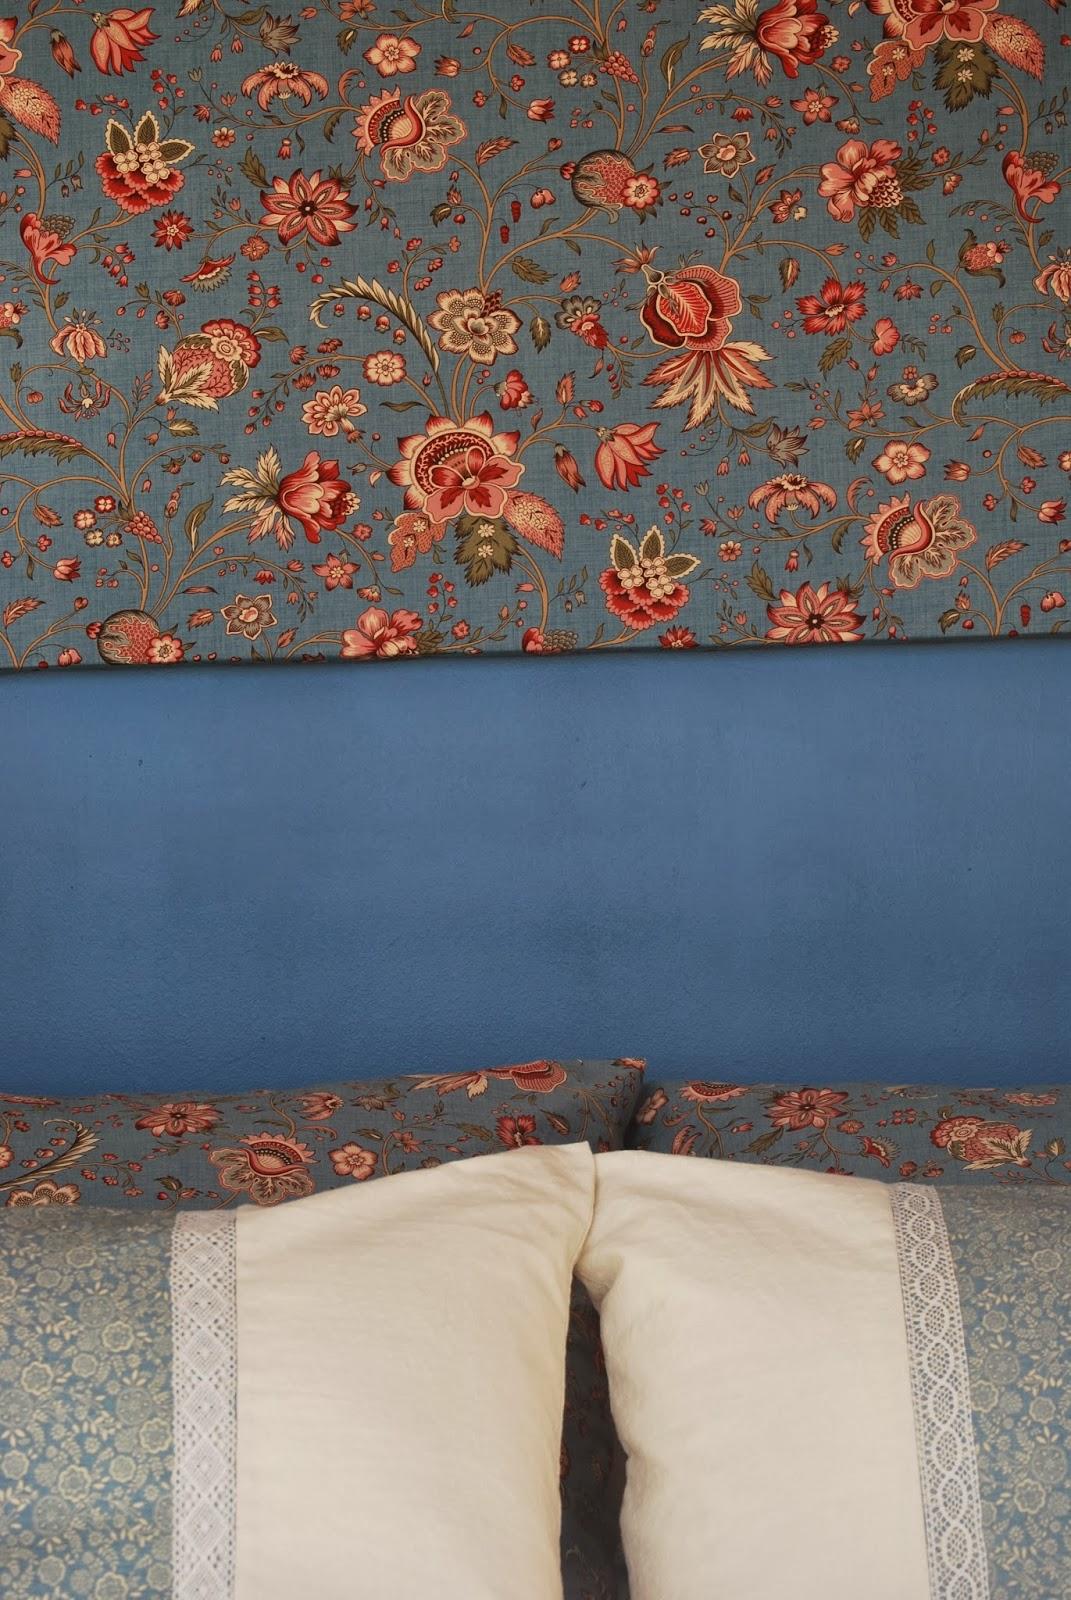 M quines de cosir singer a terrassa des de 1927 azul una - Telas terrassa ...